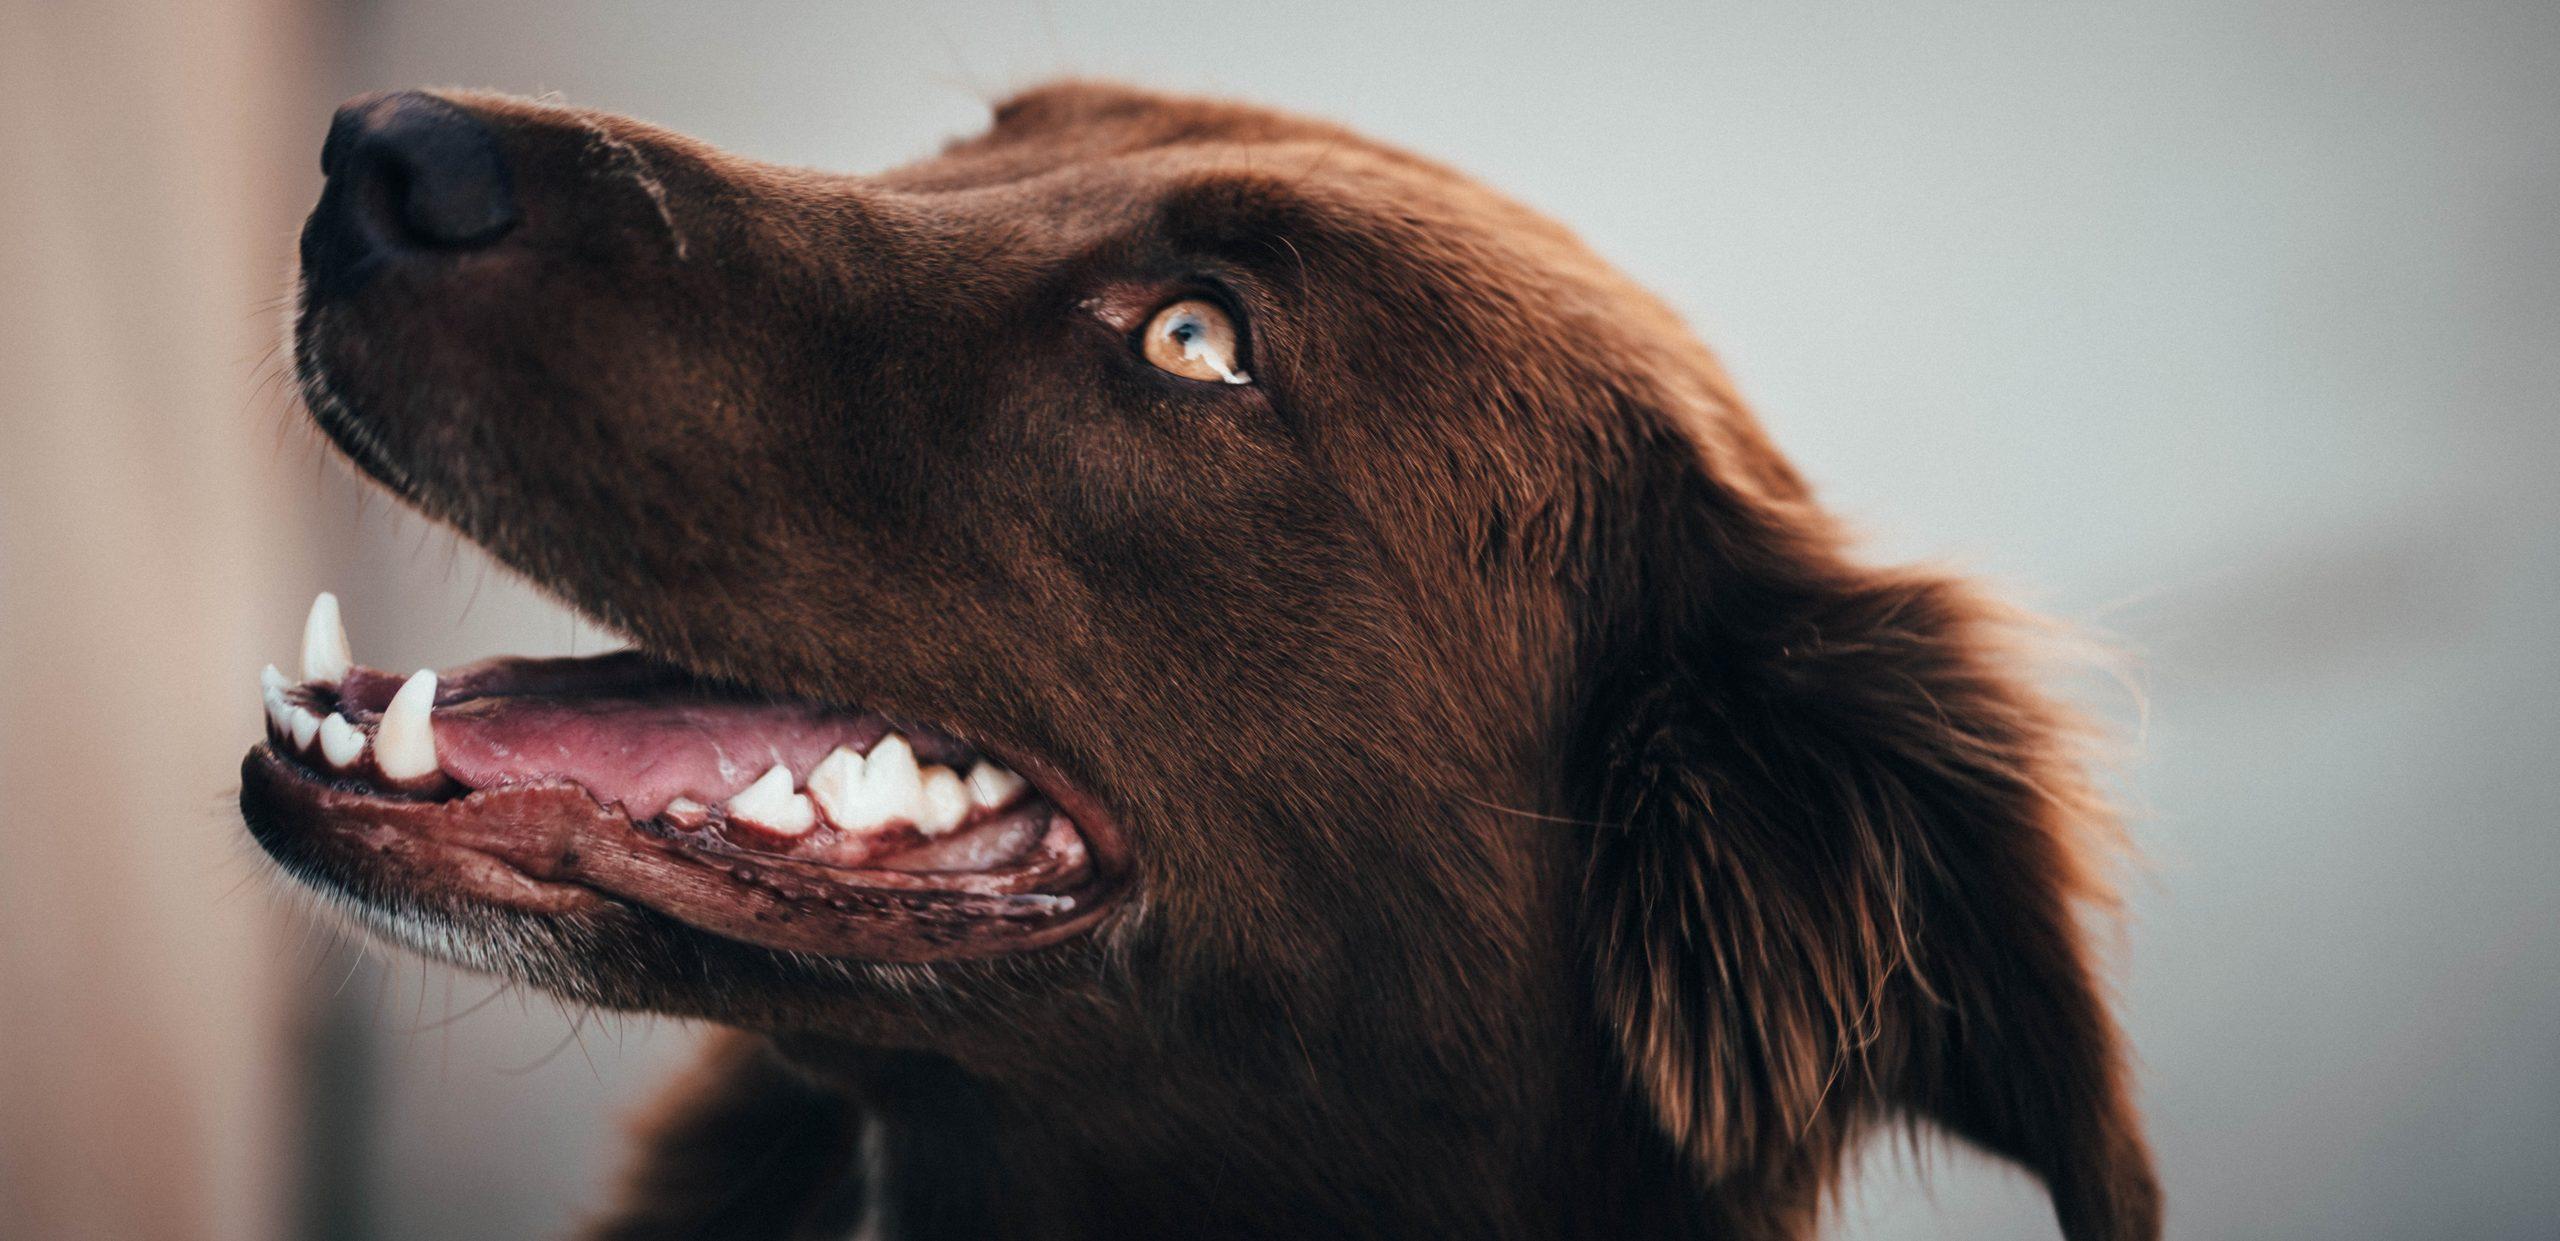 Las enfermedades bucales más comunes en perros